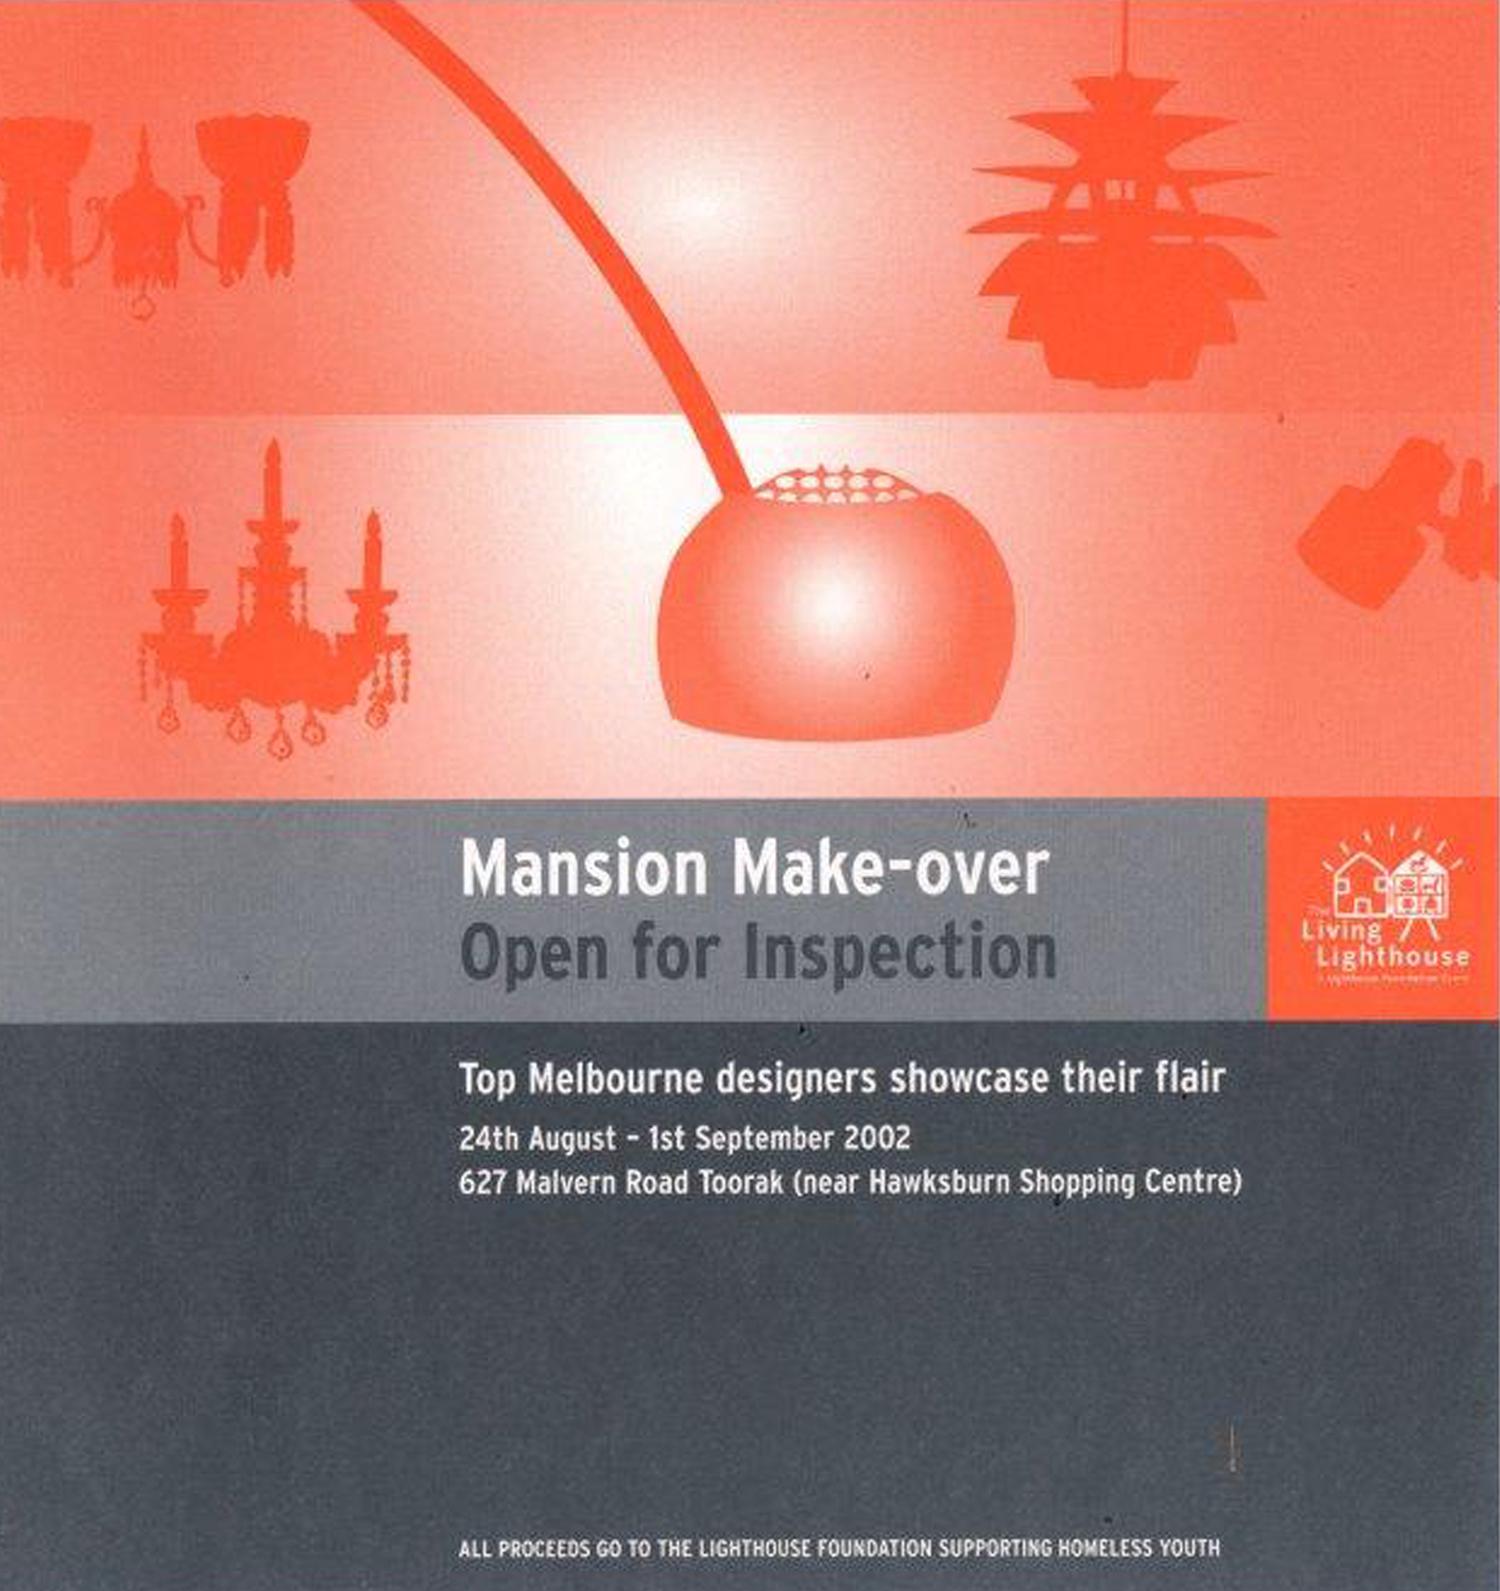 Mansion Make-over